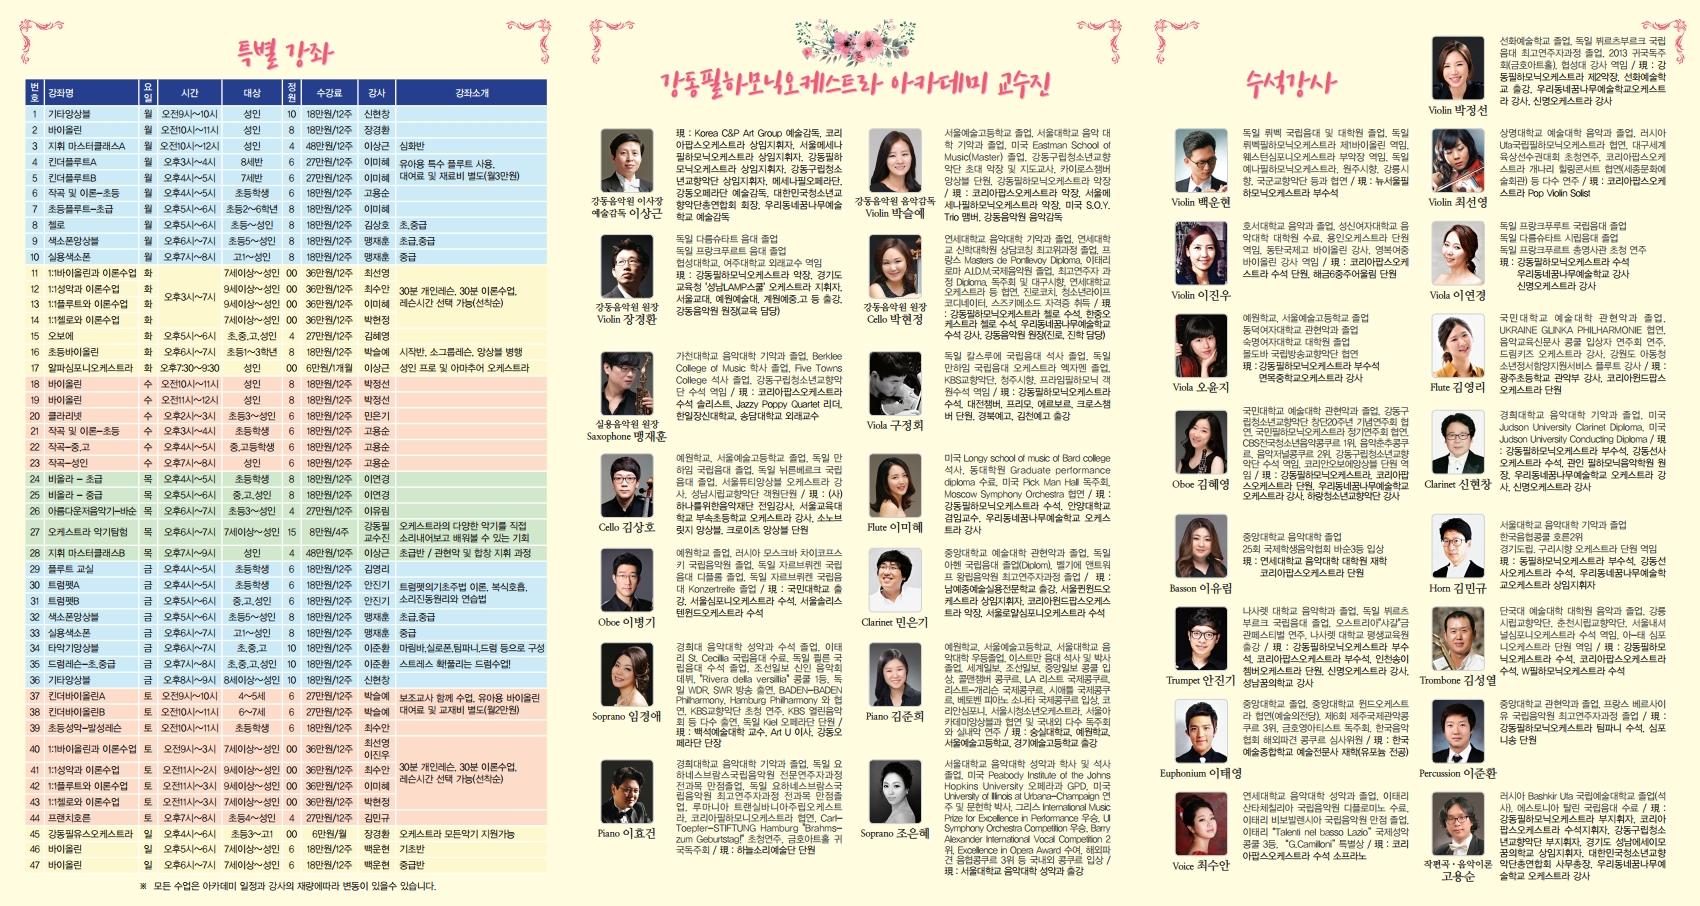 강동필 뮤직아카데미(봄)_page_2.png